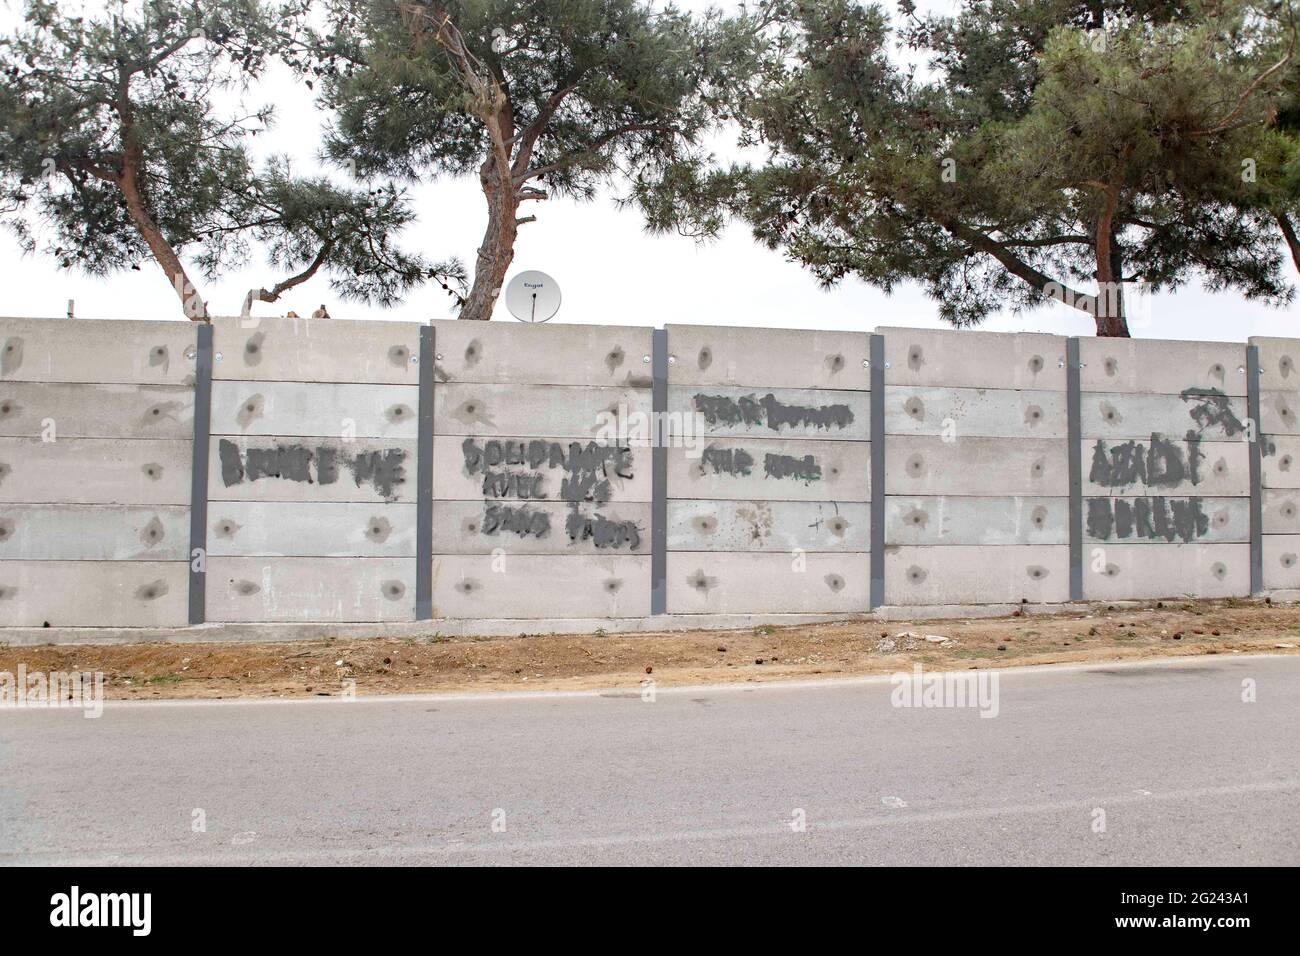 Thessalonique, Grèce. 07e juin 2021. Vue sur un mur gris de 3 mètres construit autour du camp de réfugiés de Diavata près de Thessalonique. De hauts murs en béton sont construits autour de camps de réfugiés sur le continent grec et les îles grecques, un mouvement que la Grèce prétend être à des fins de sécurité. (Photo de Nik Oiko/SOPA Images/Sipa USA) crédit: SIPA USA/Alay Live News Banque D'Images